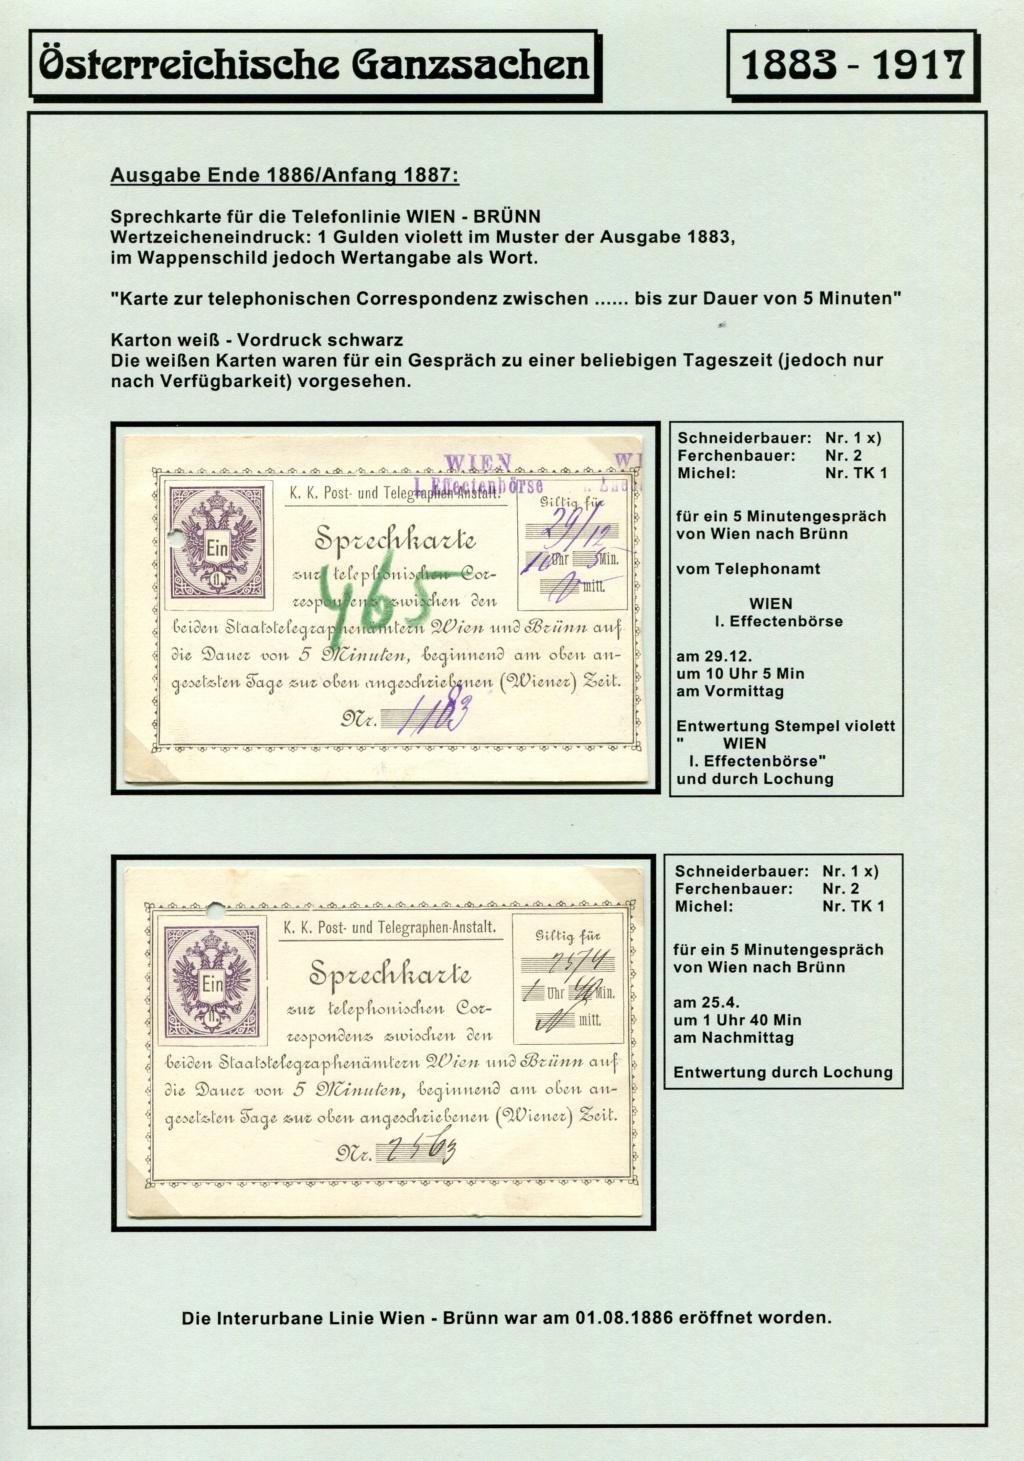 Österreichische Telephon-Sprechkarten - 1883 - 1917 Tel_ka17